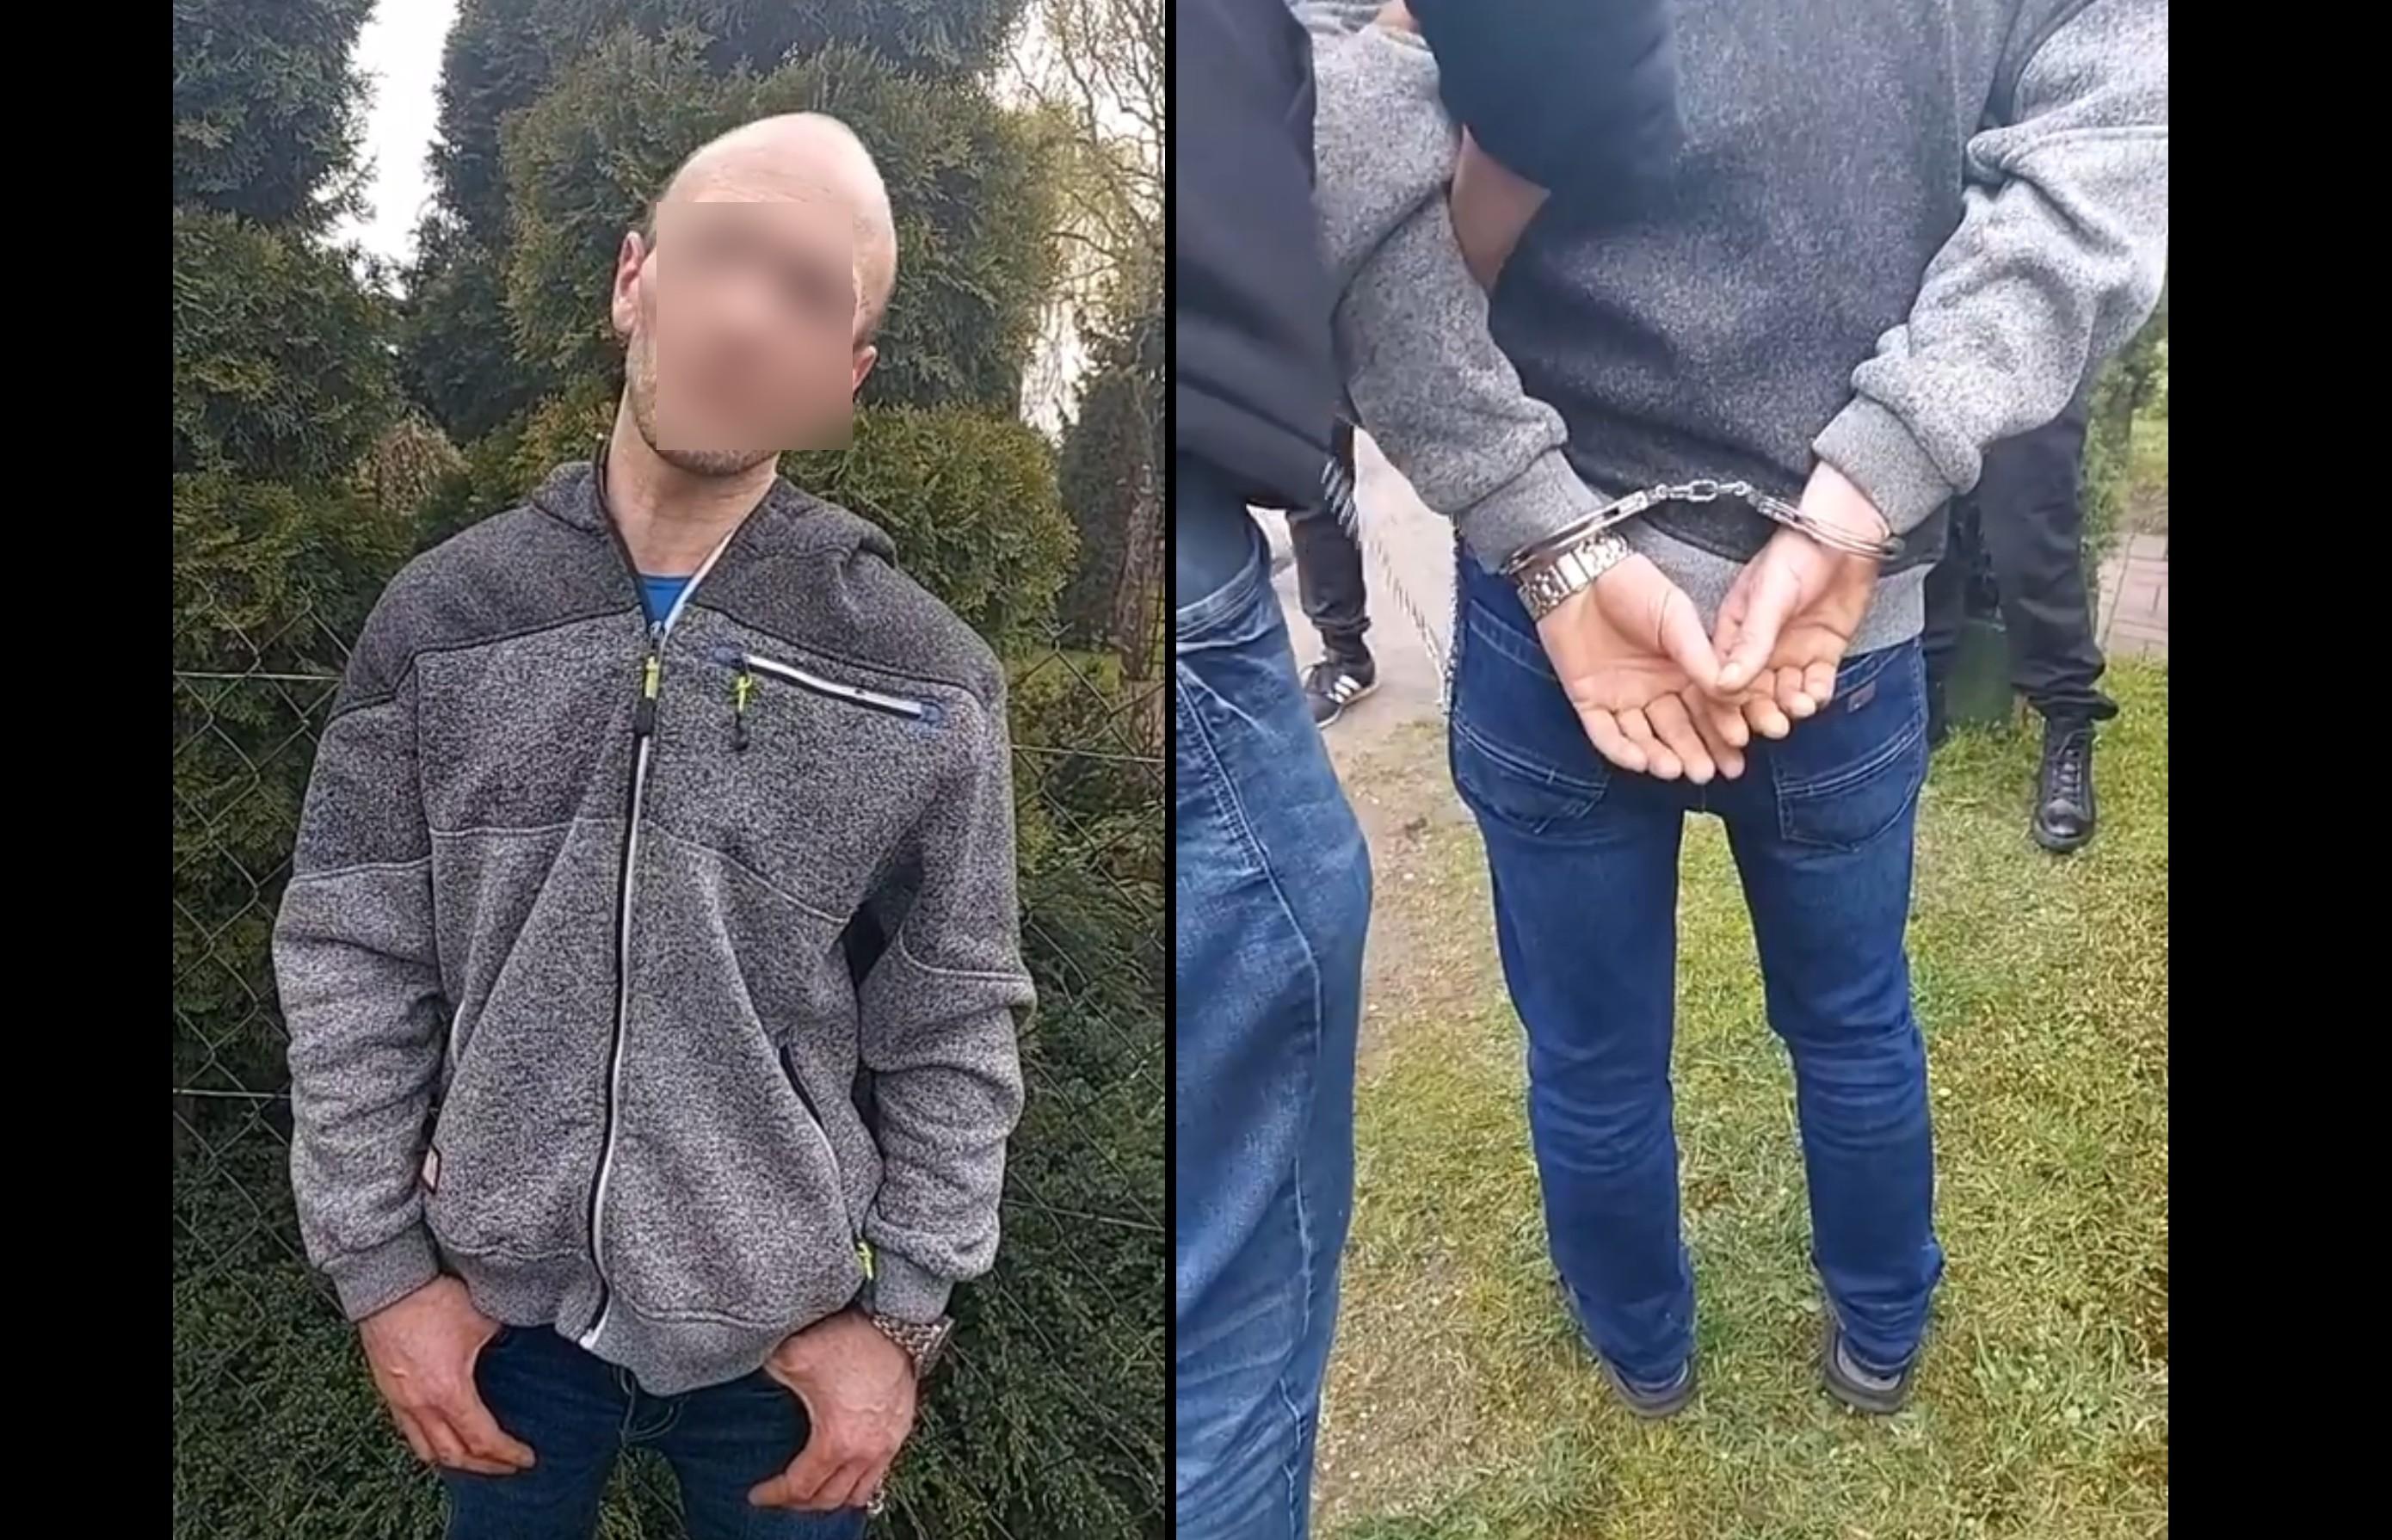 Łowcy pedofilów uderzyli w Krośniewicach! Zatrzymany 36-latek spod Kutna! [WIDEO] - Zdjęcie główne